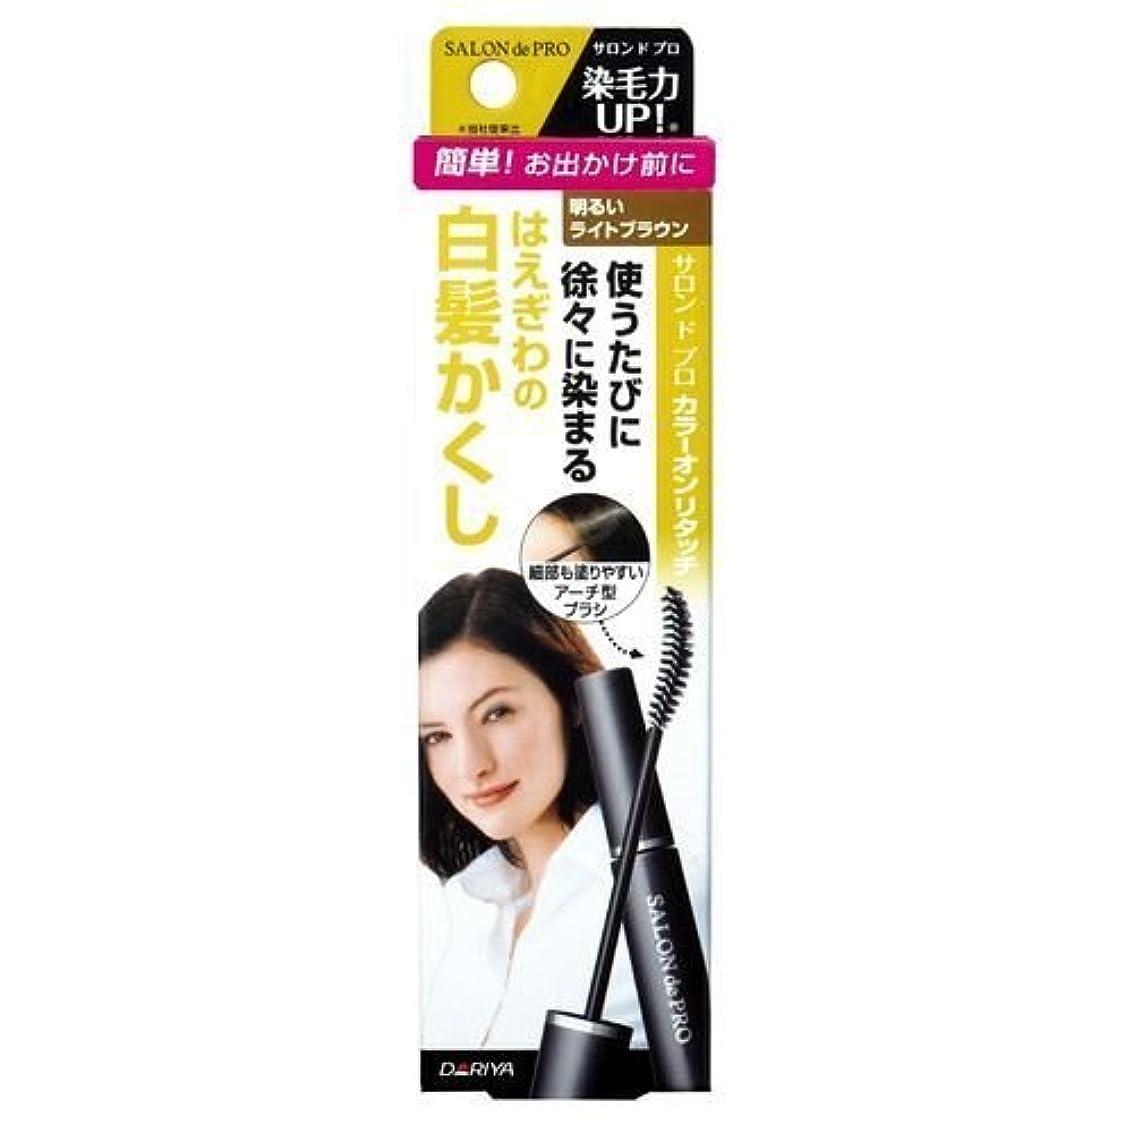 何集まるステッチサロンドプロ カラーオンリタッチ 白髪かくしEX 明るいライトブラウン 15ml